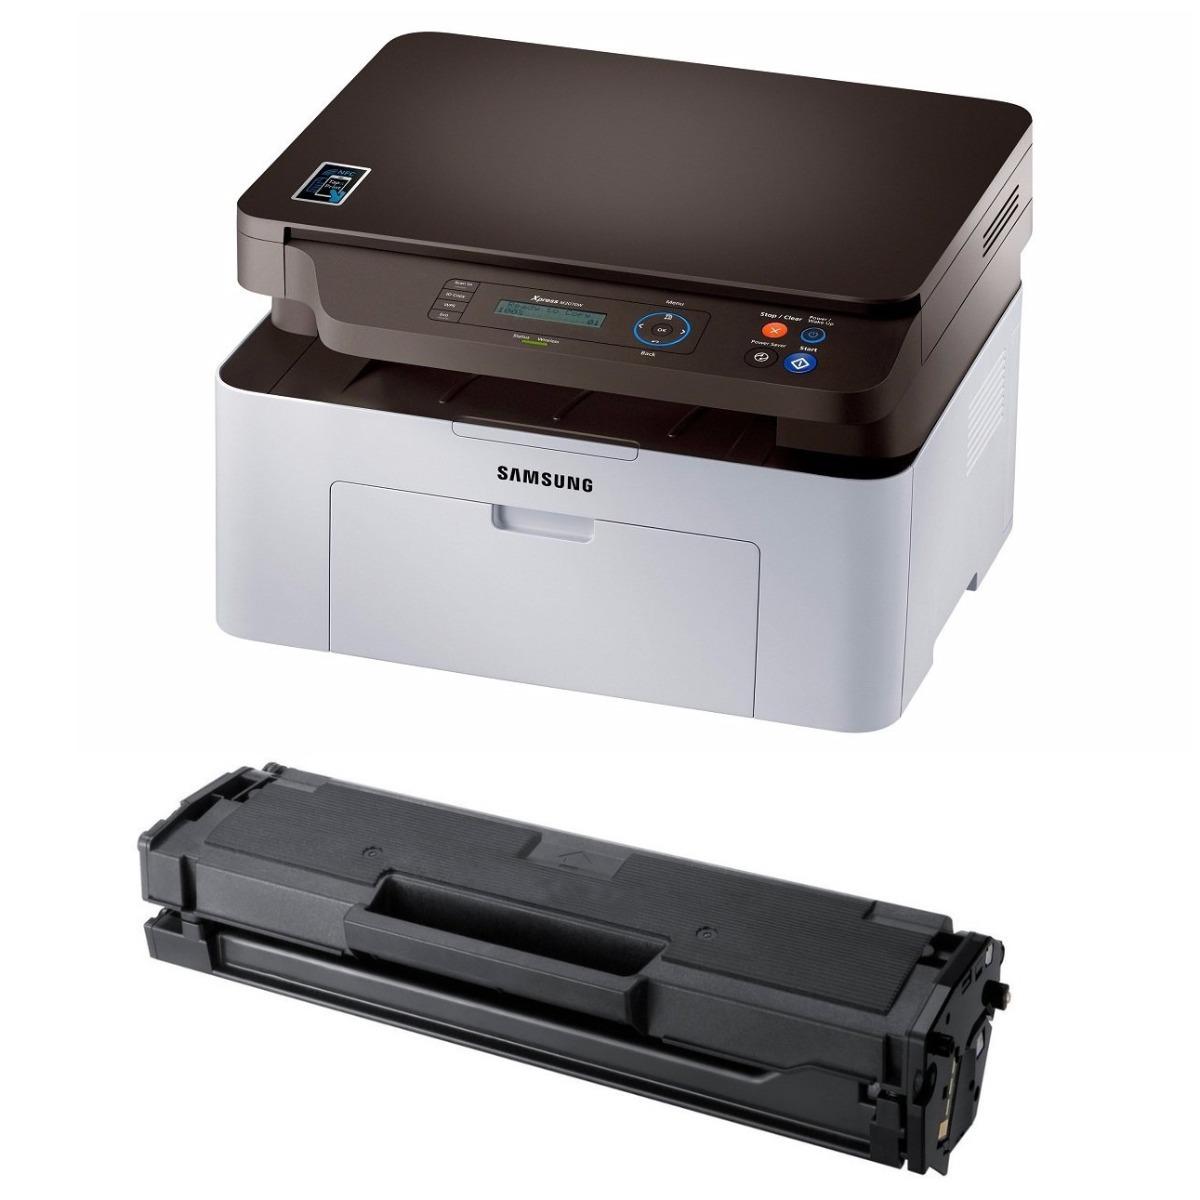 Impresora Samsung Laser Sl-m2070w + Toner Extra Mejor Precio ...